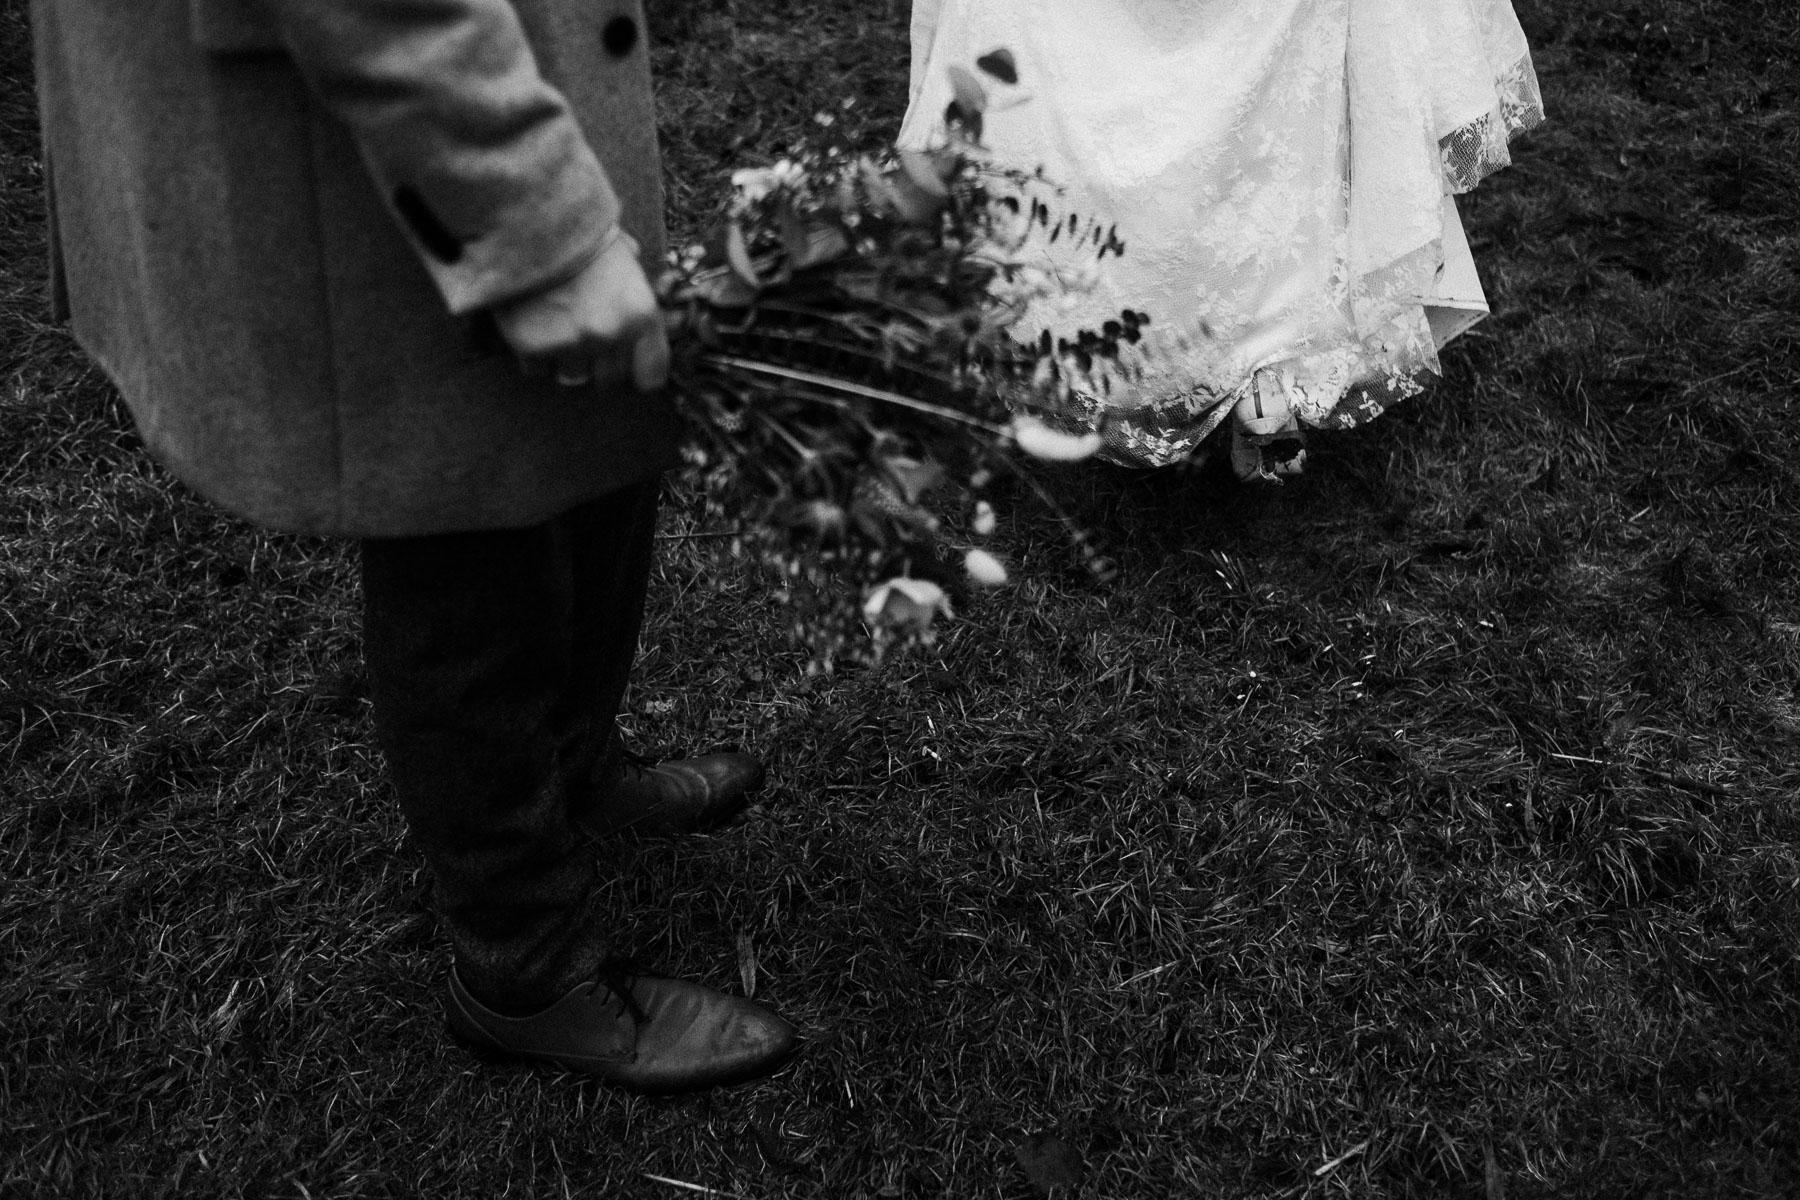 das Brautpaar steht auf dem Rasen, zu sehen sind nur die Beine, der Mann trägt einen gruen Anzug und die Braut ein langes Brautkleid, der Mann hält den großen Brautstrauß